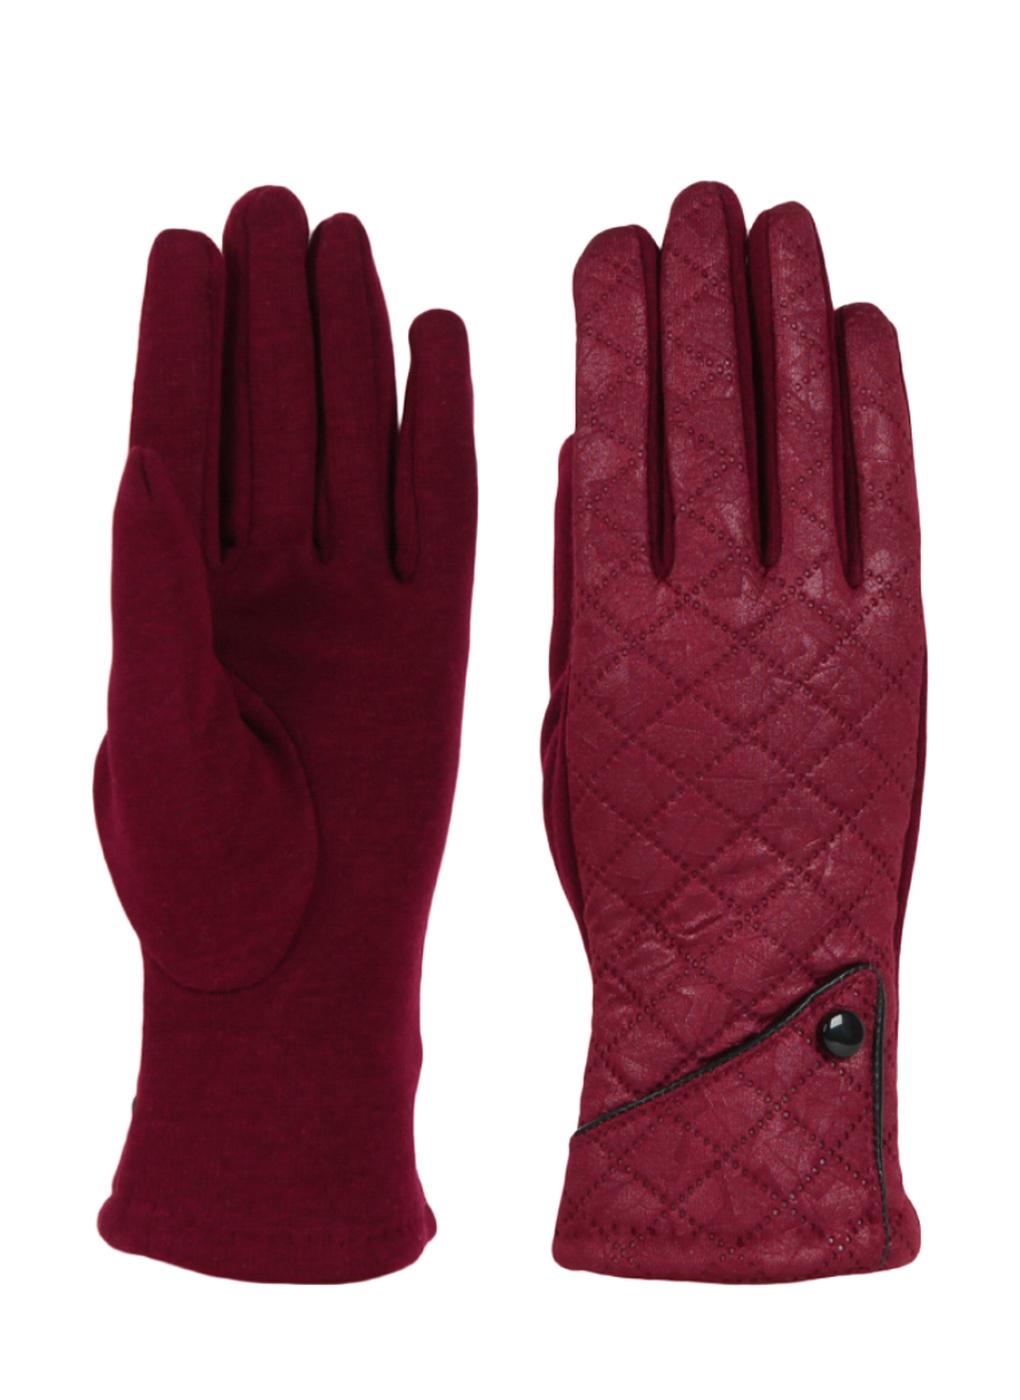 Перчатки женские из трикотажа 48, Lorentino фото